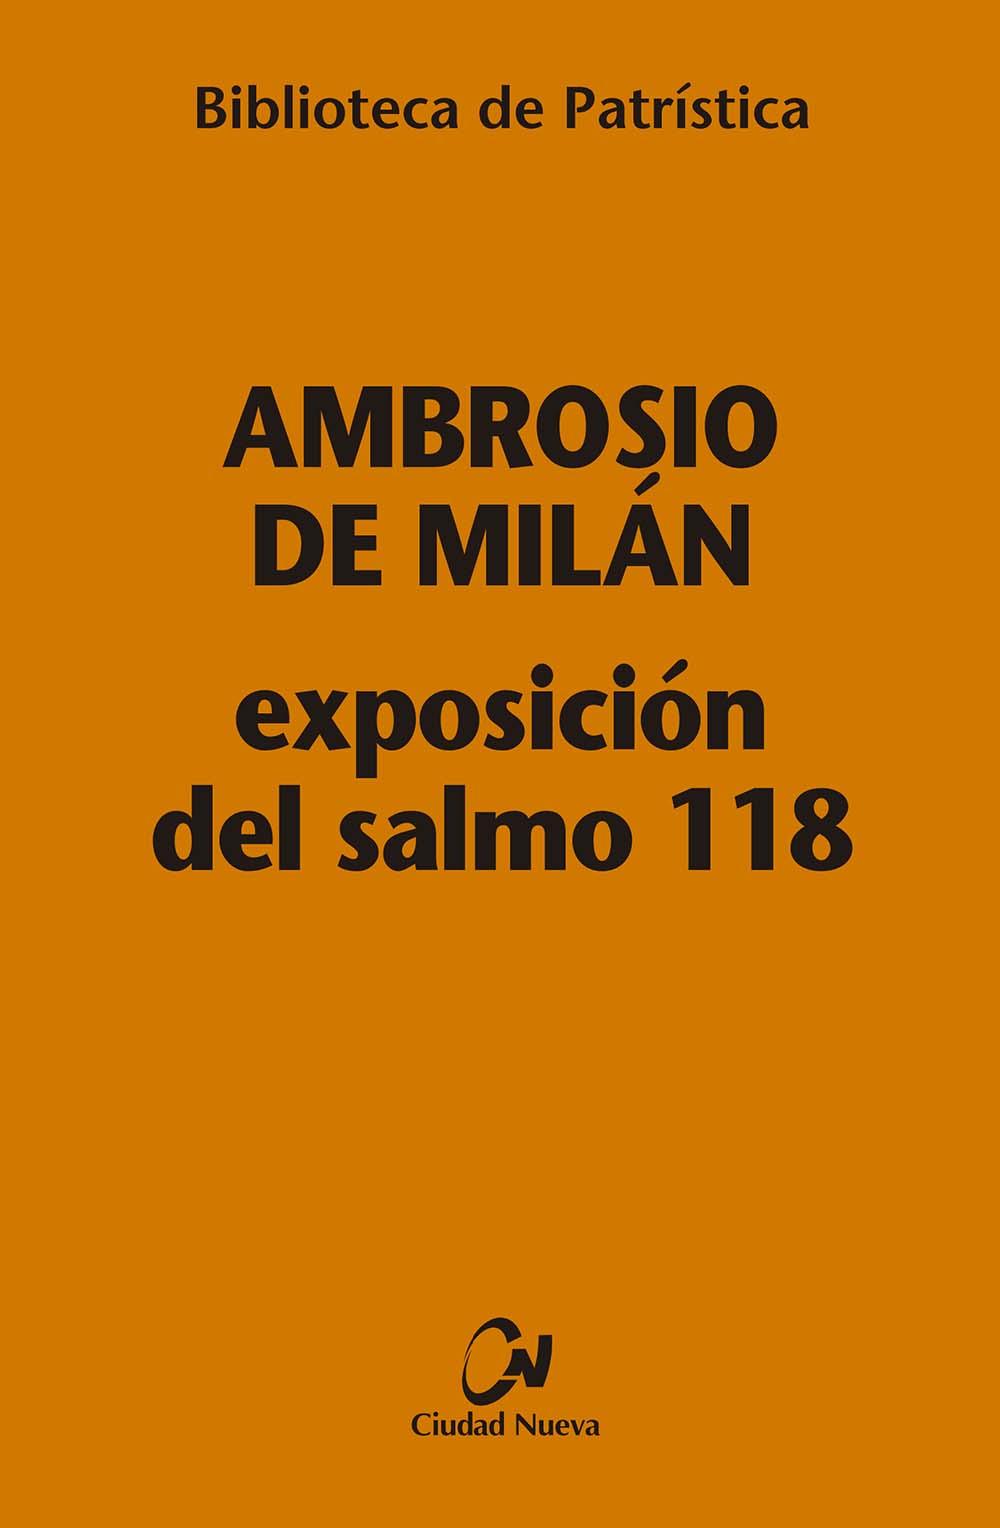 exposicion-del-salmo-118-[bpa-117]